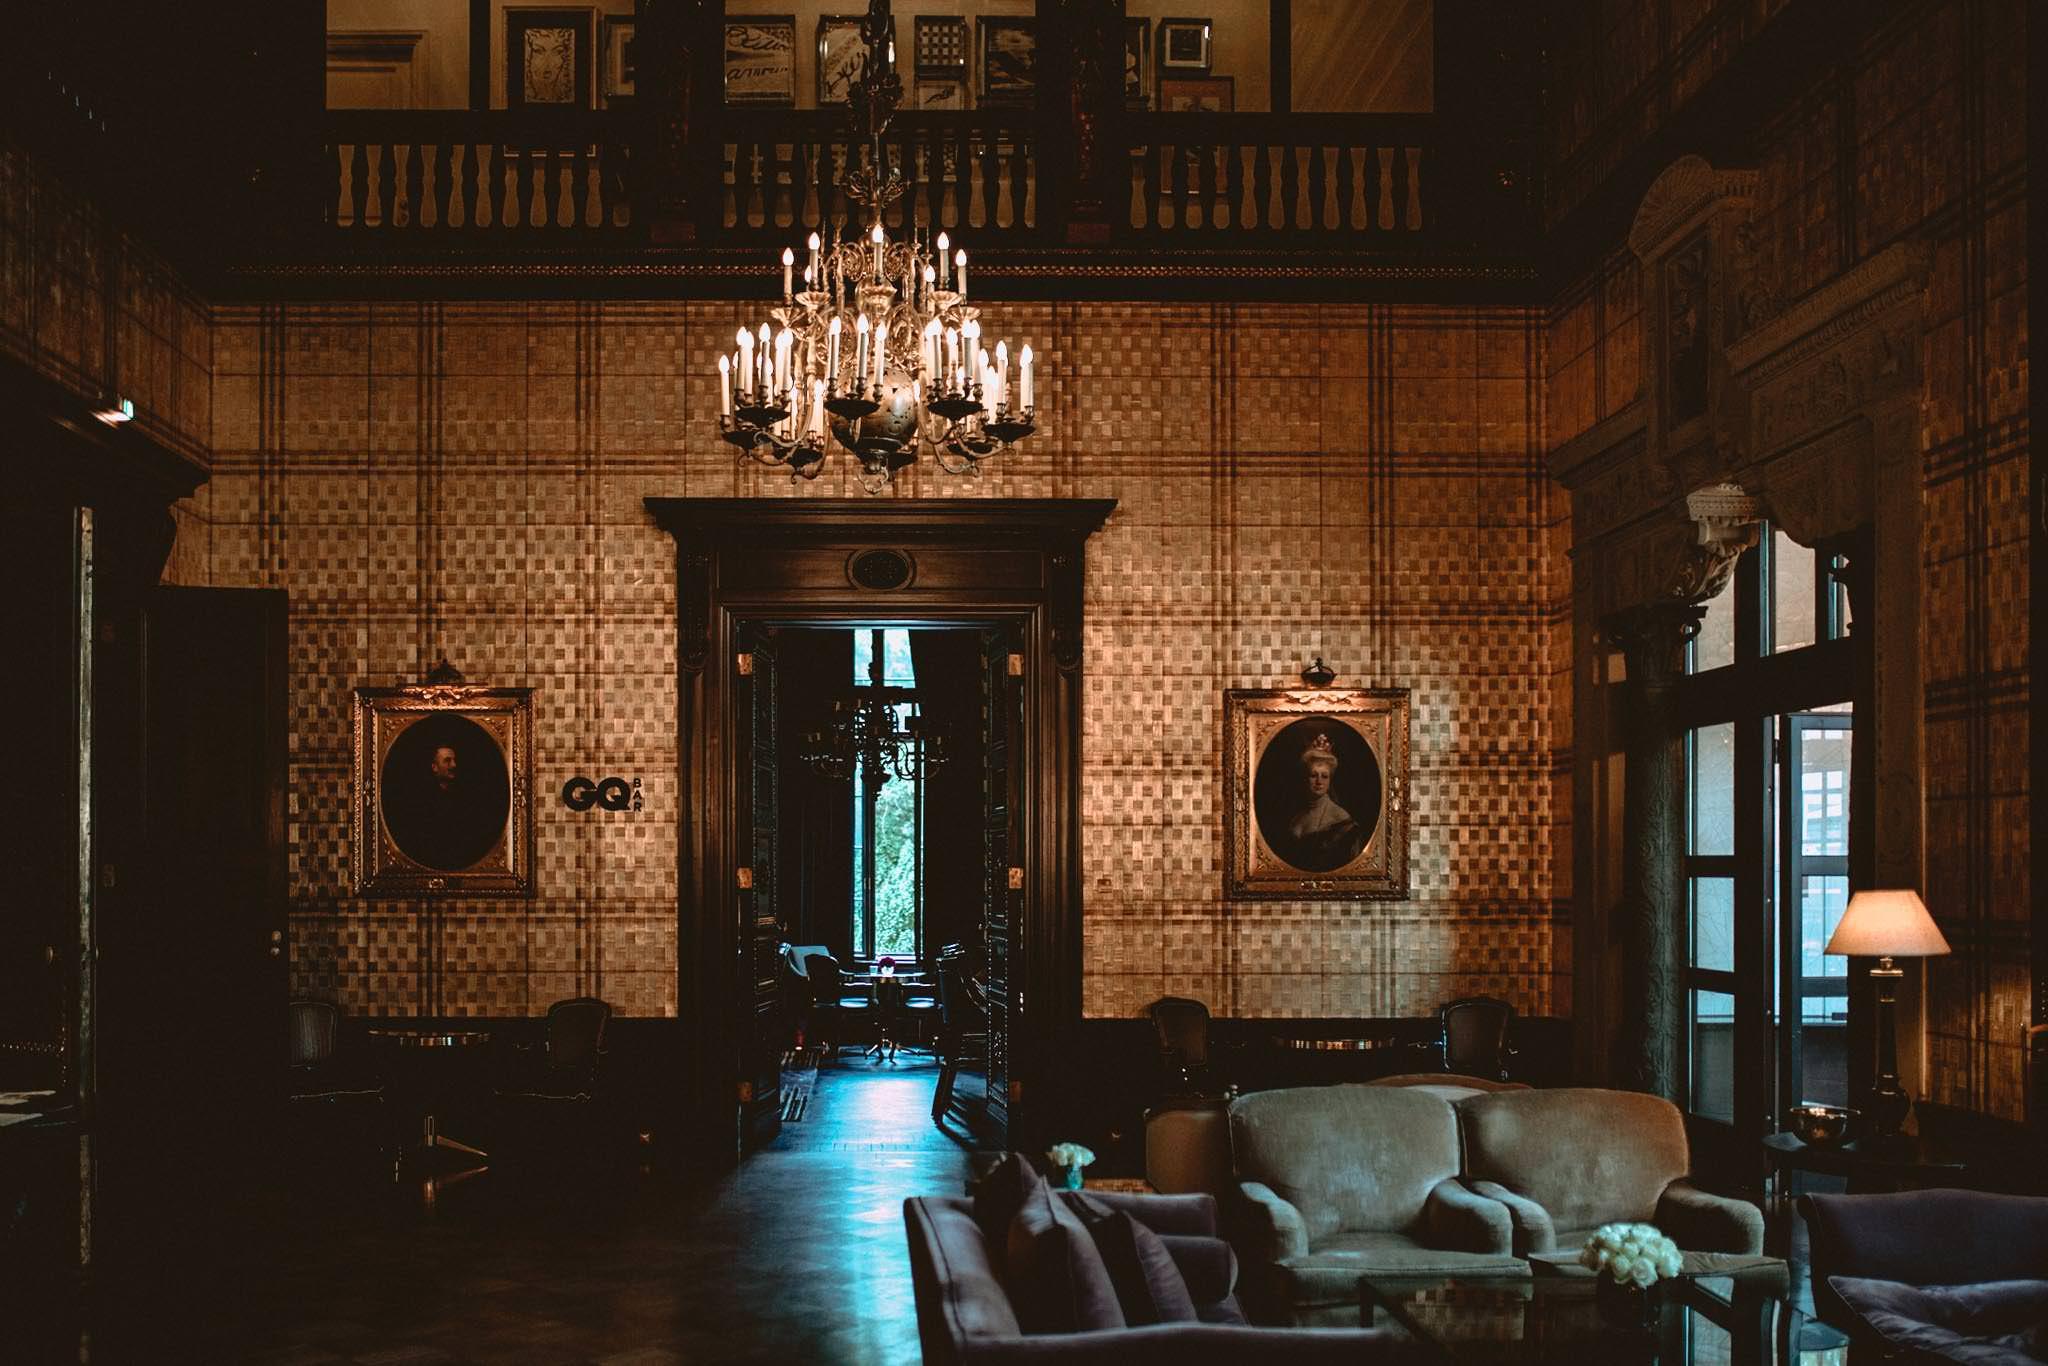 Hochzeit_Berlin_Patrick_Hellmann_Schlosshotel002